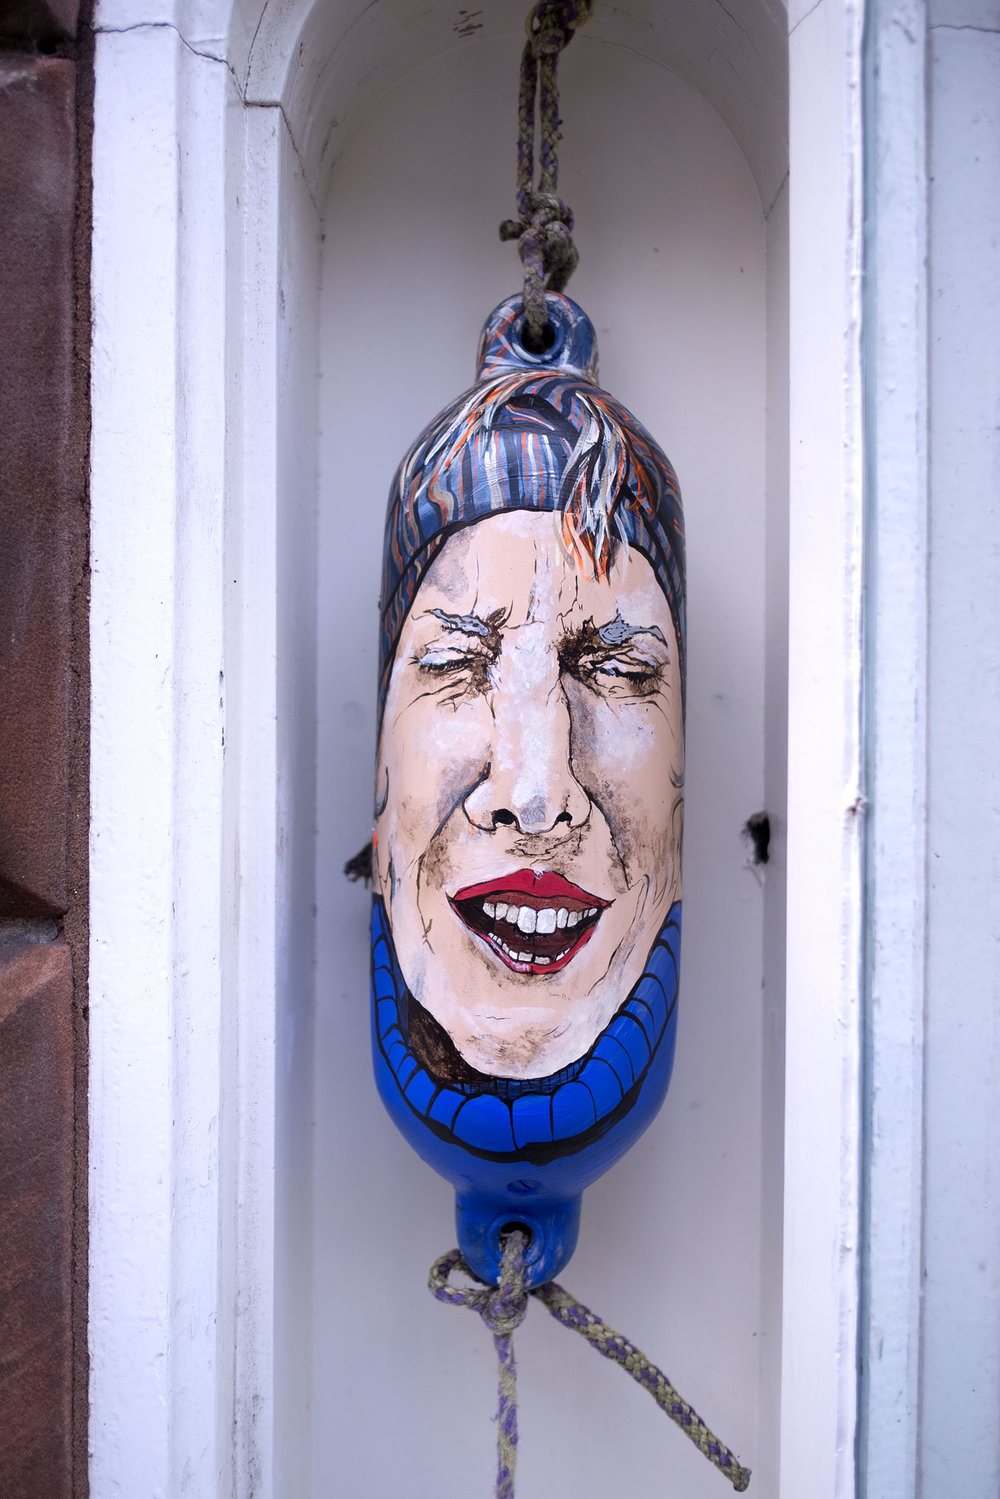 Whiten_painting artist portrait buoy.jpg